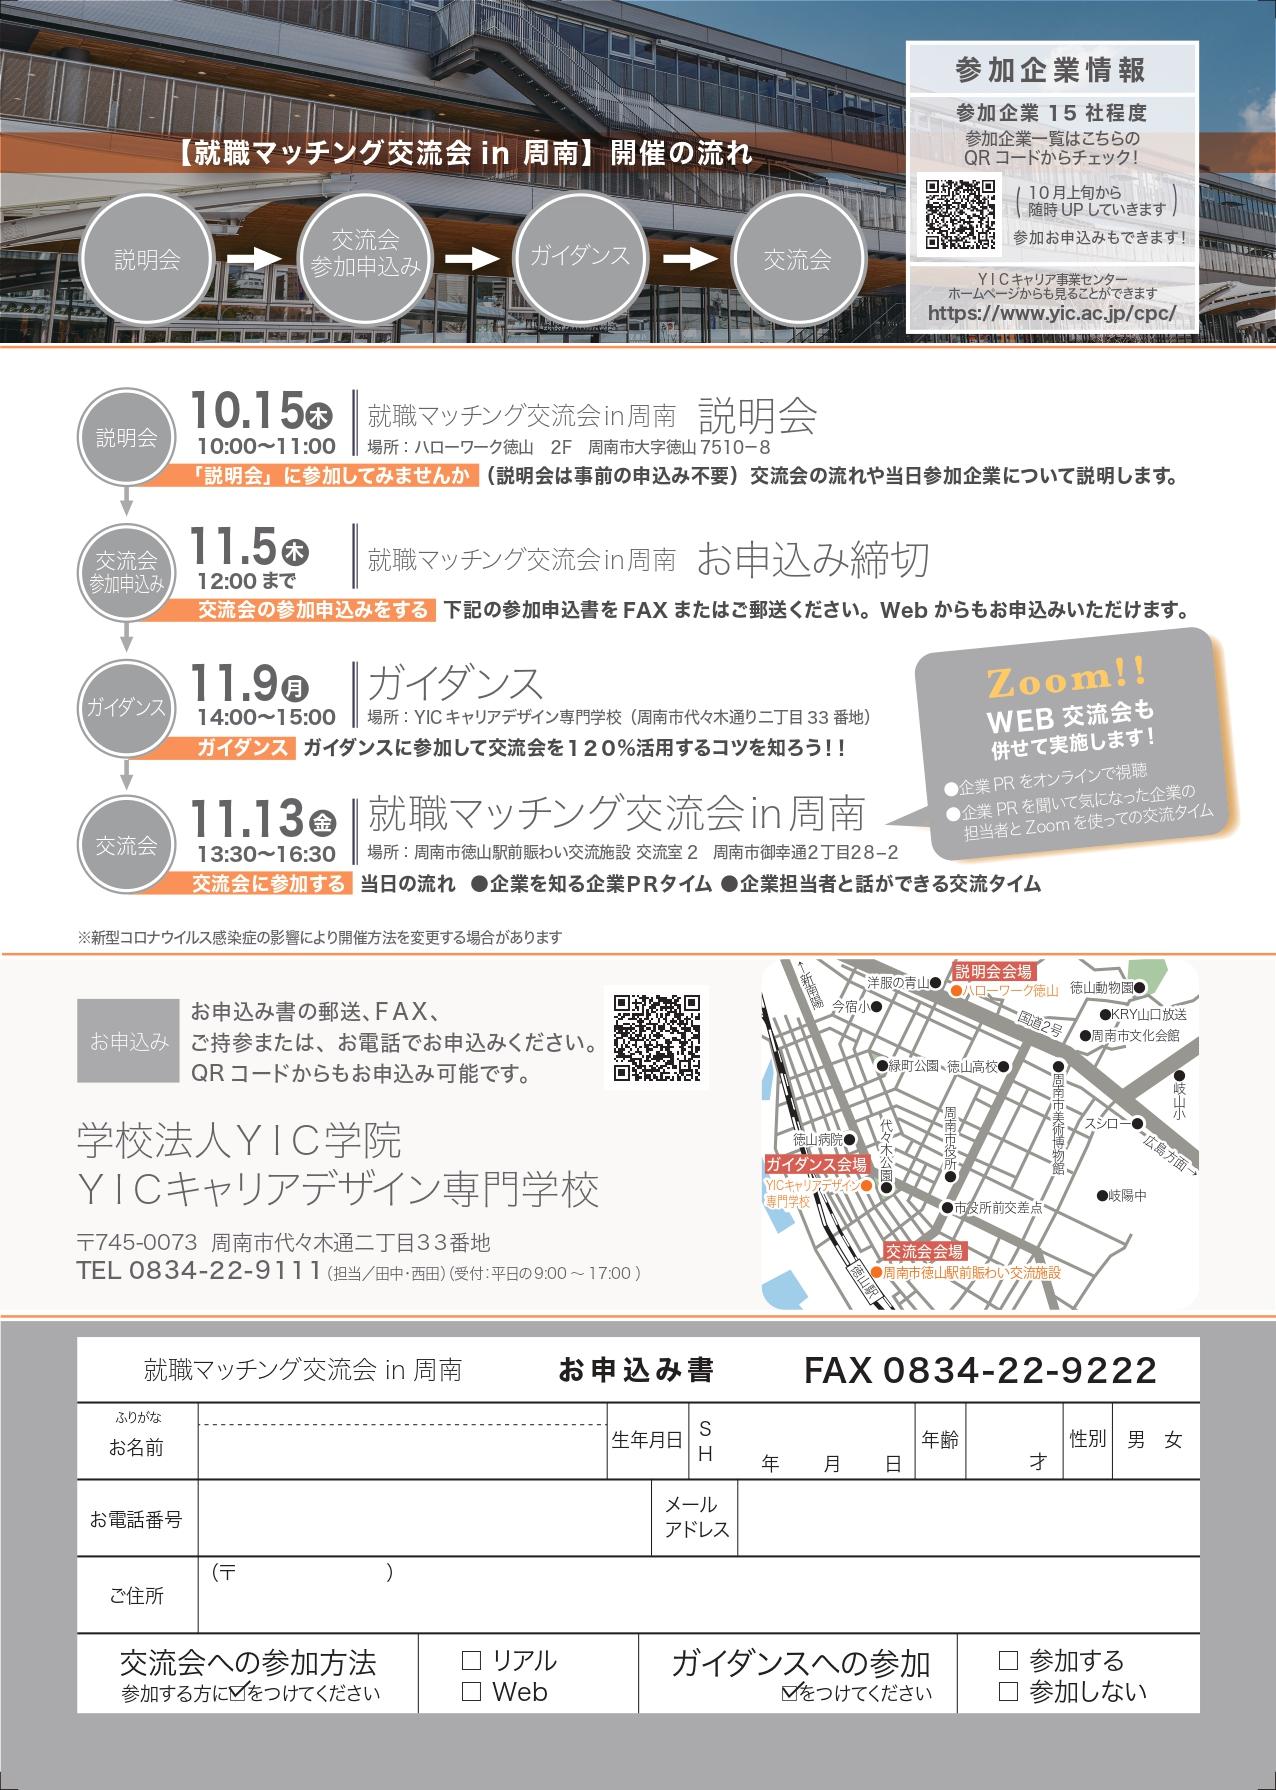 徳山商工会議所主催 就職マッチング交流会in周南